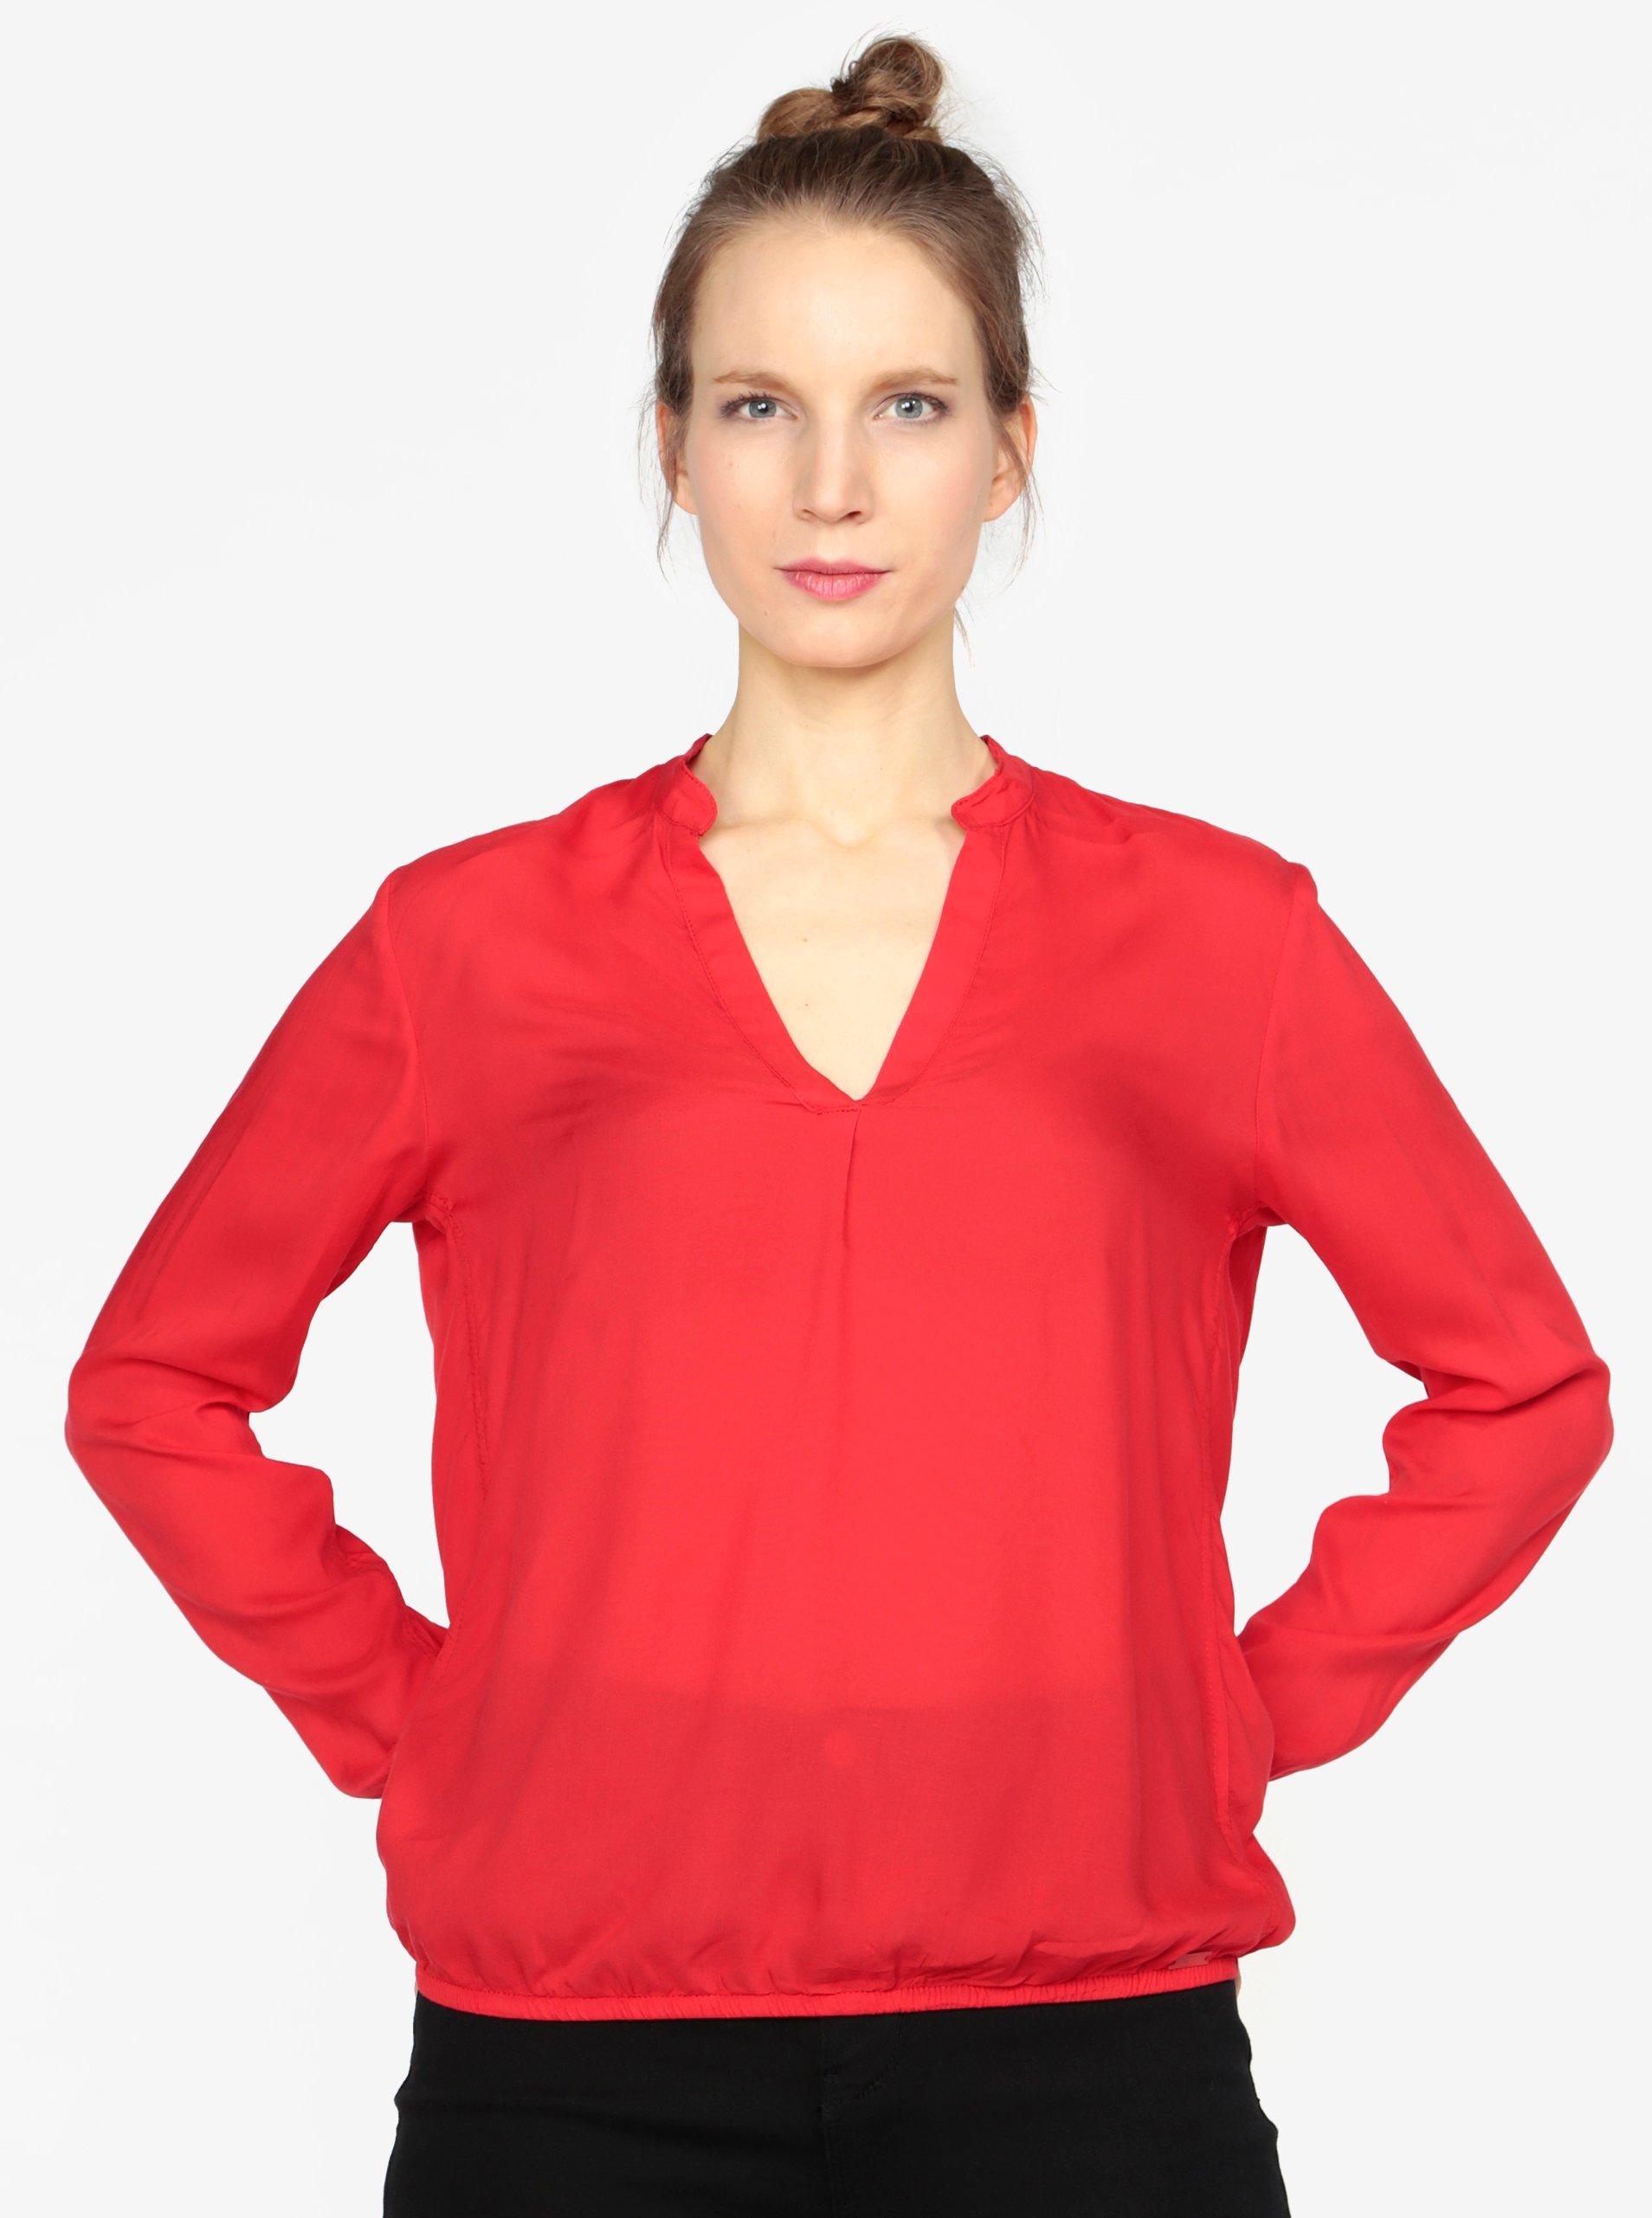 54e205cd6b03 Bluzka damska style cervena s